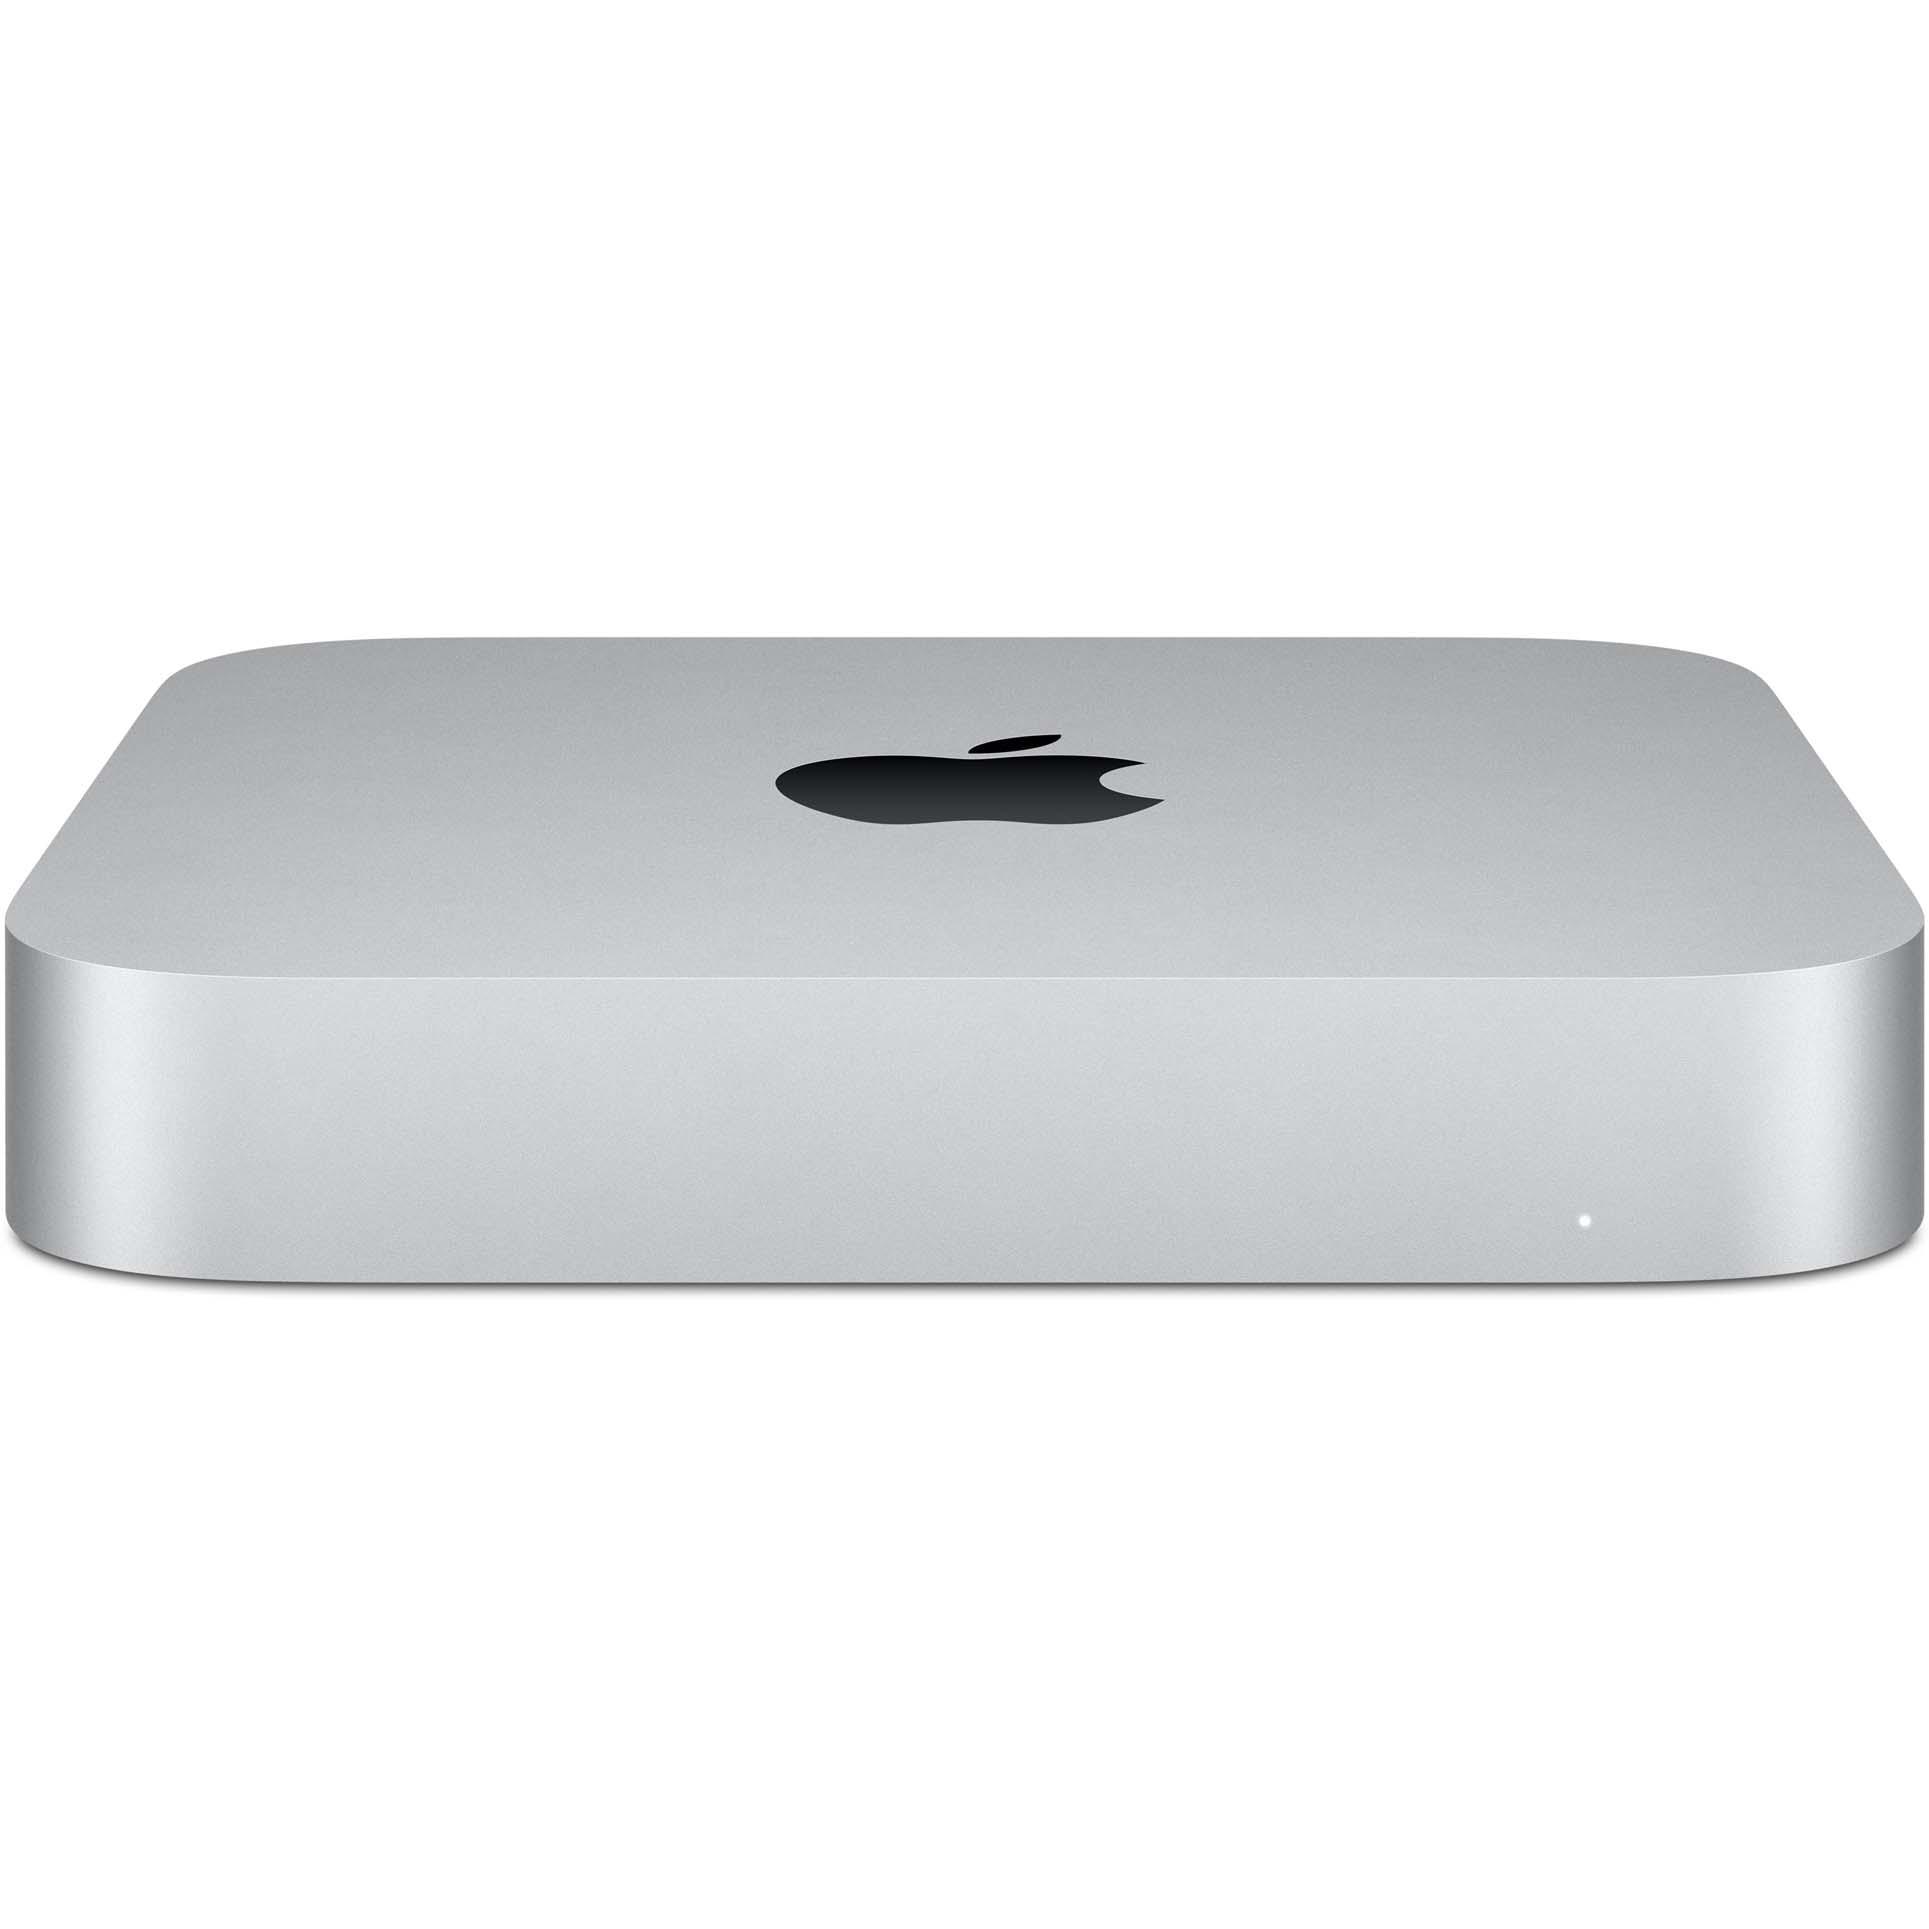 Fotografie Mac Mini PC Apple (2020) cu procesor Apple M1, 8GB, 256GB SSD, INT